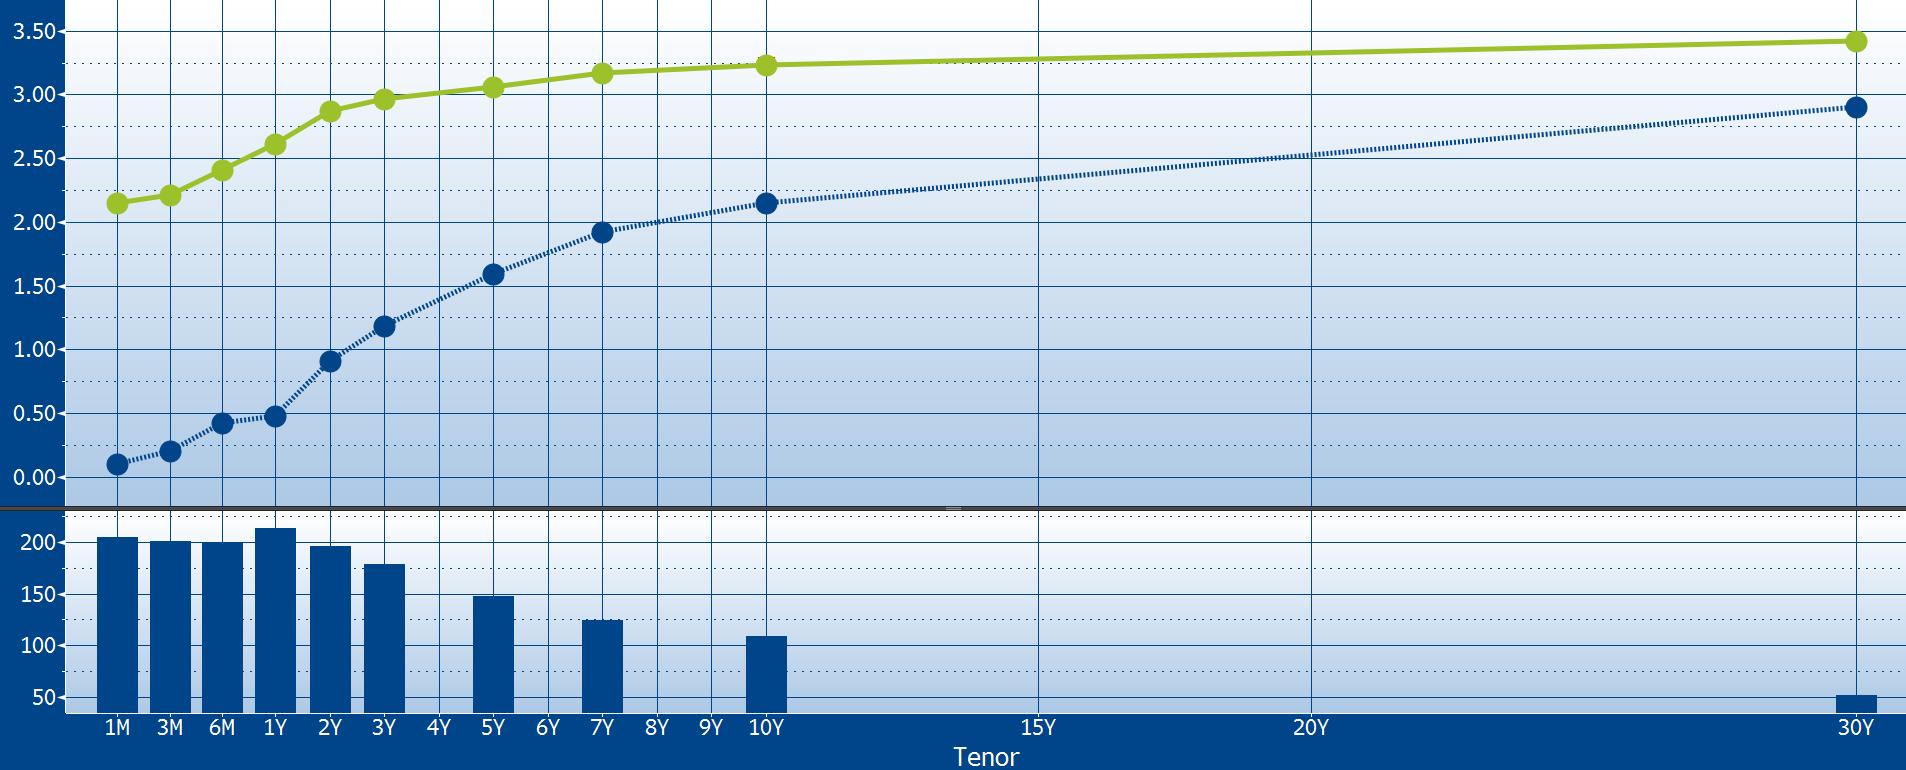 Zatímco na krátkém konci výnosy od prvního zvýšení sazeb Fedem vzrostly o 2 procentní body, výnosy desetiletých dluhopisů jen o 1 p. b.